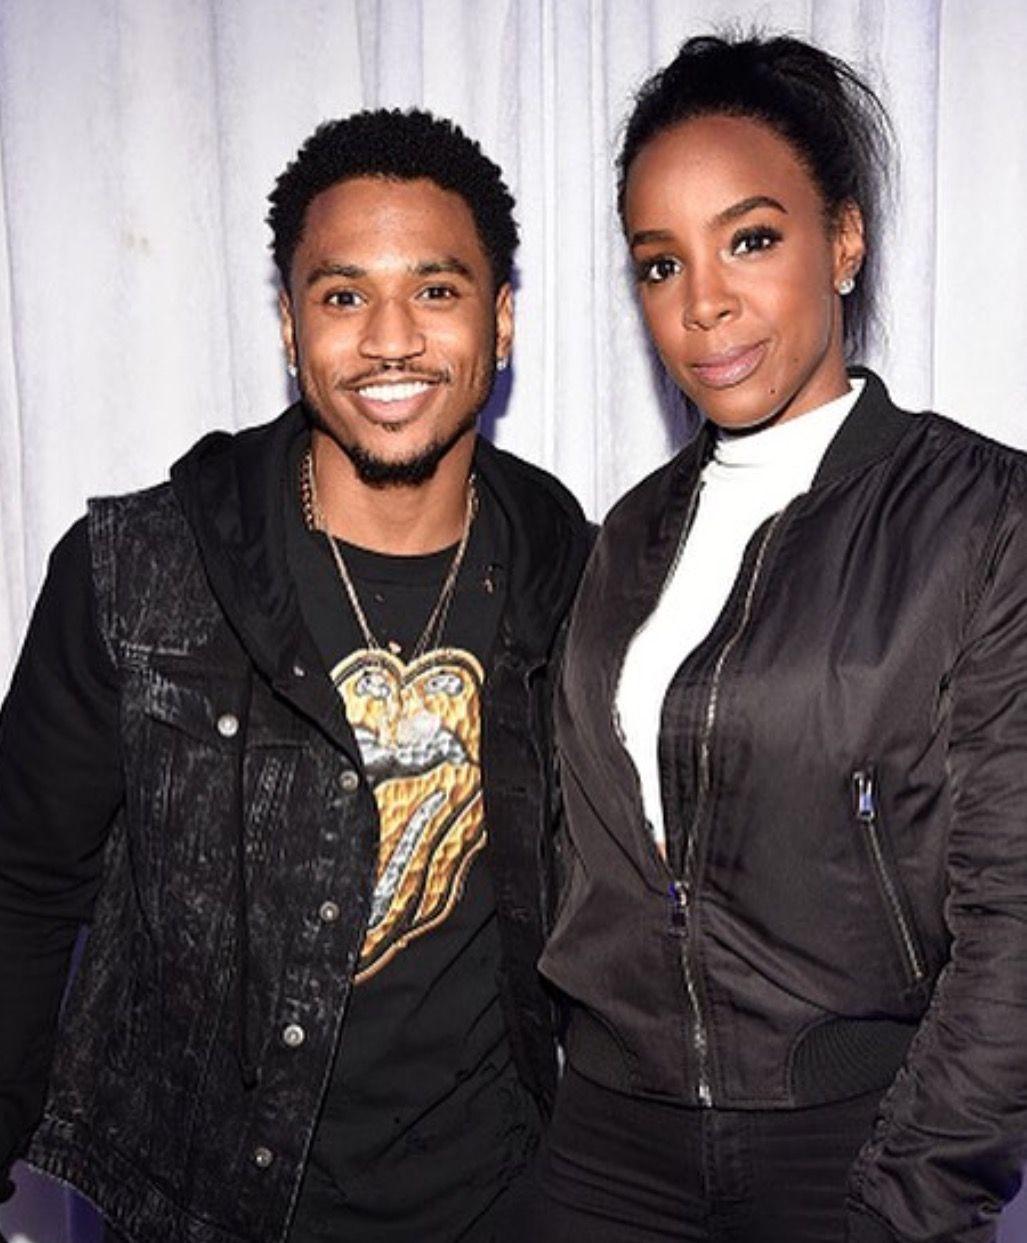 Trey s 28th Bday Party Trey and Kelly Rowland